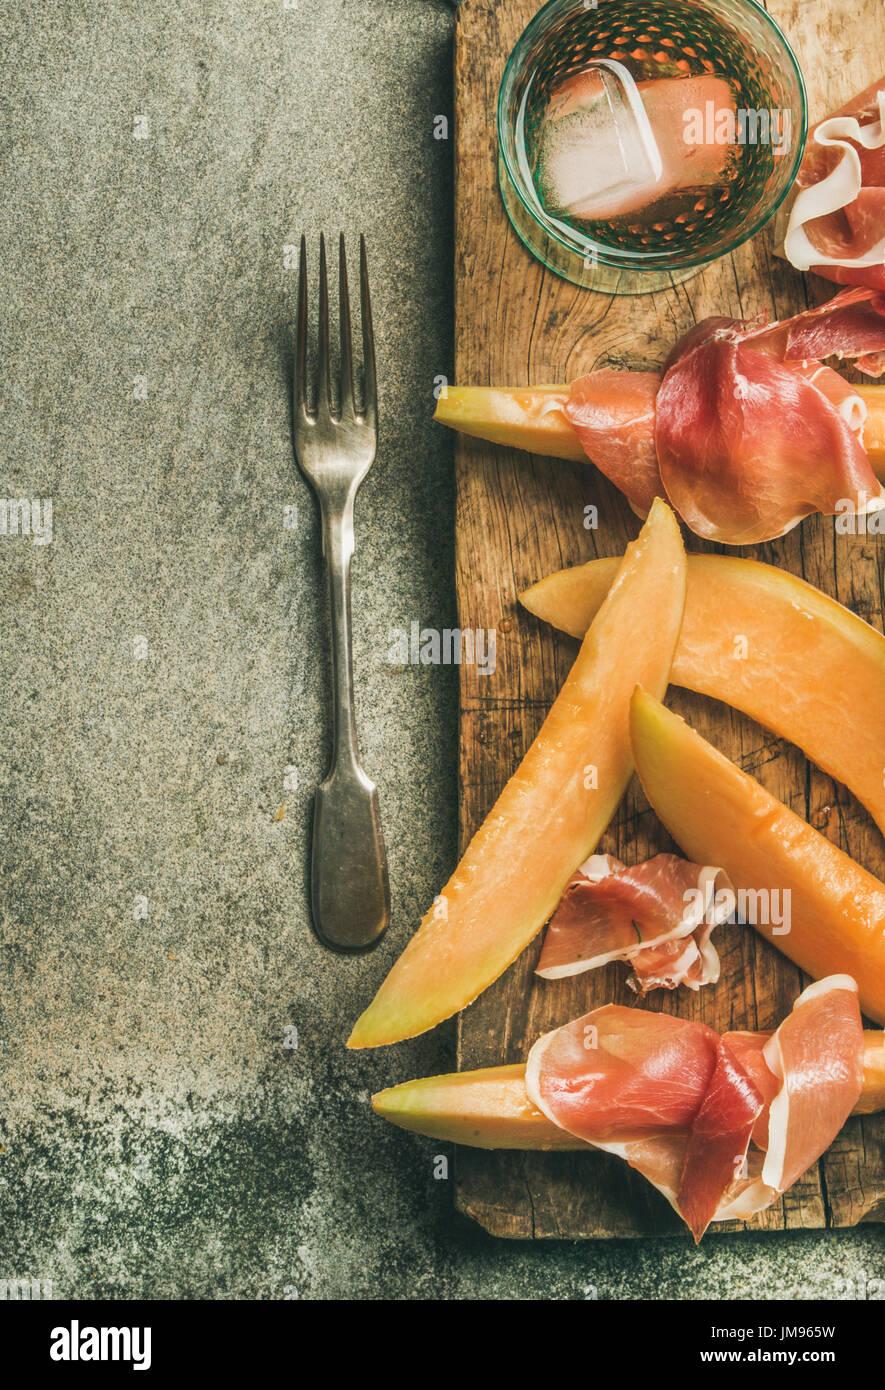 Sommer Wein-Party set mit rose Wein, Schinken, frische Melone Stockbild